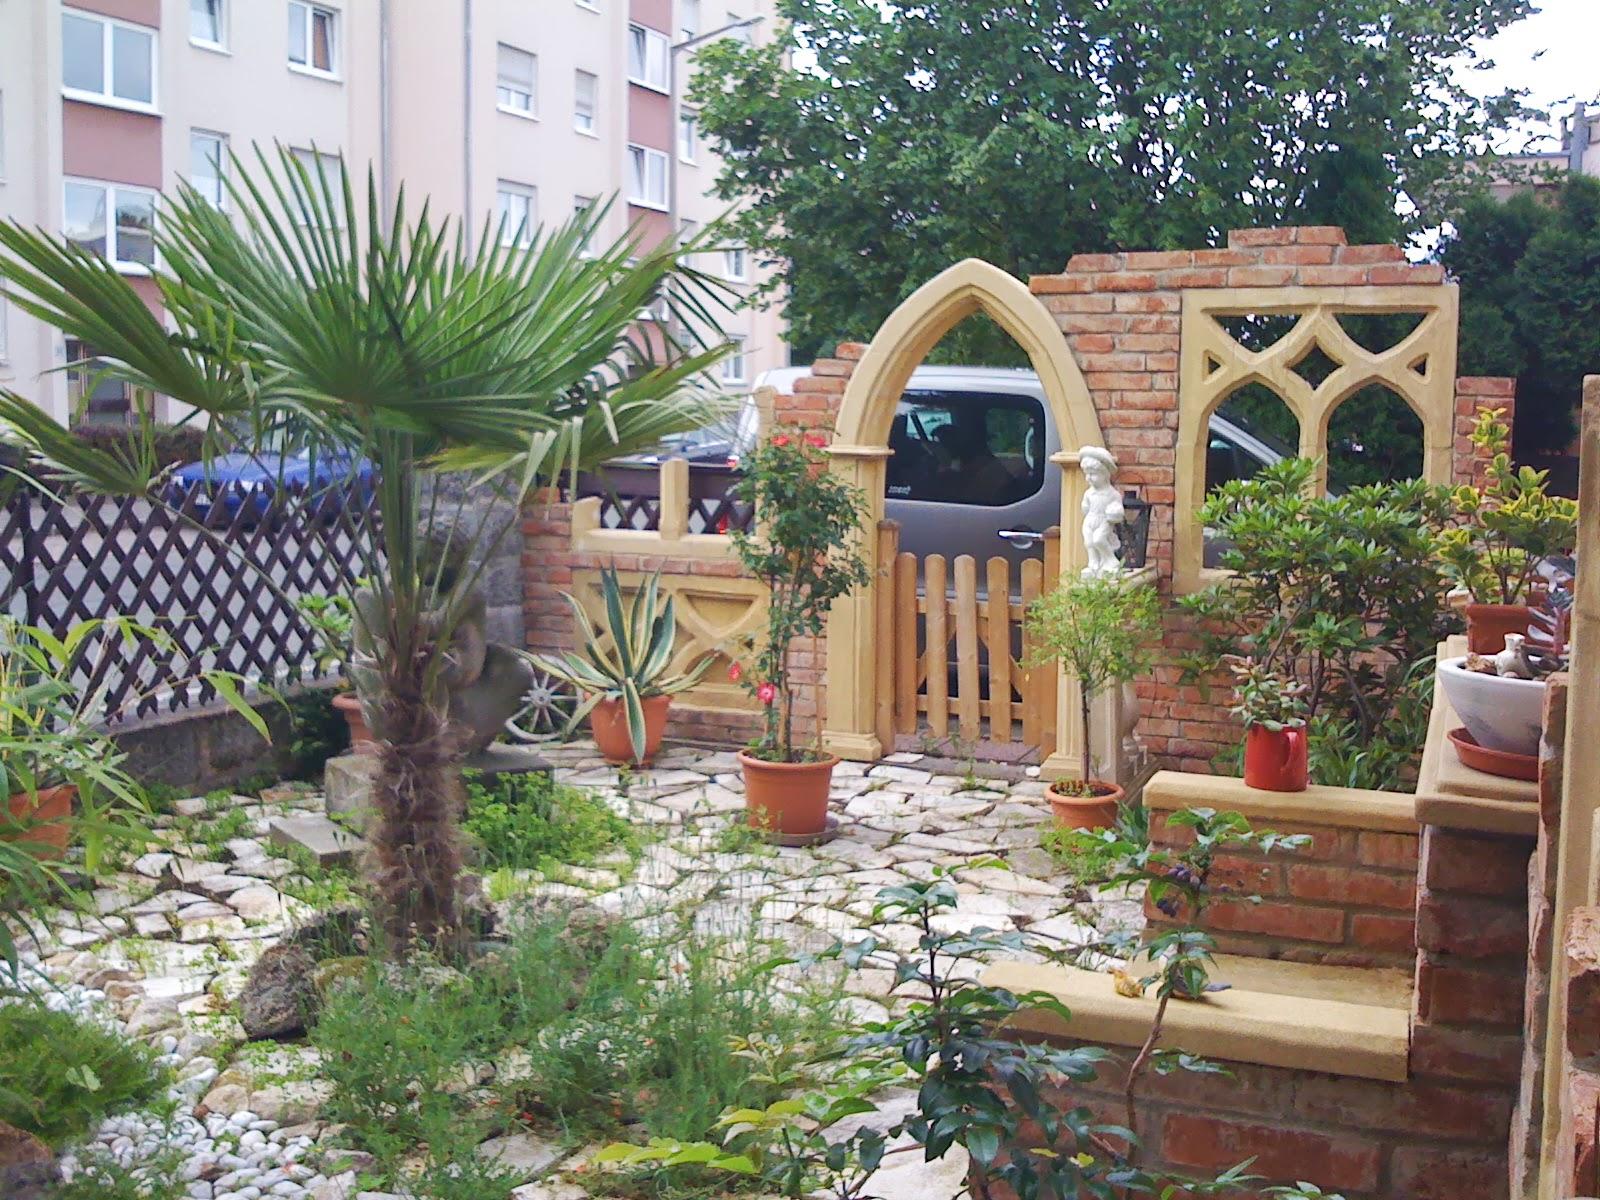 Inspirierend Vorgartengestaltung Bilder Design